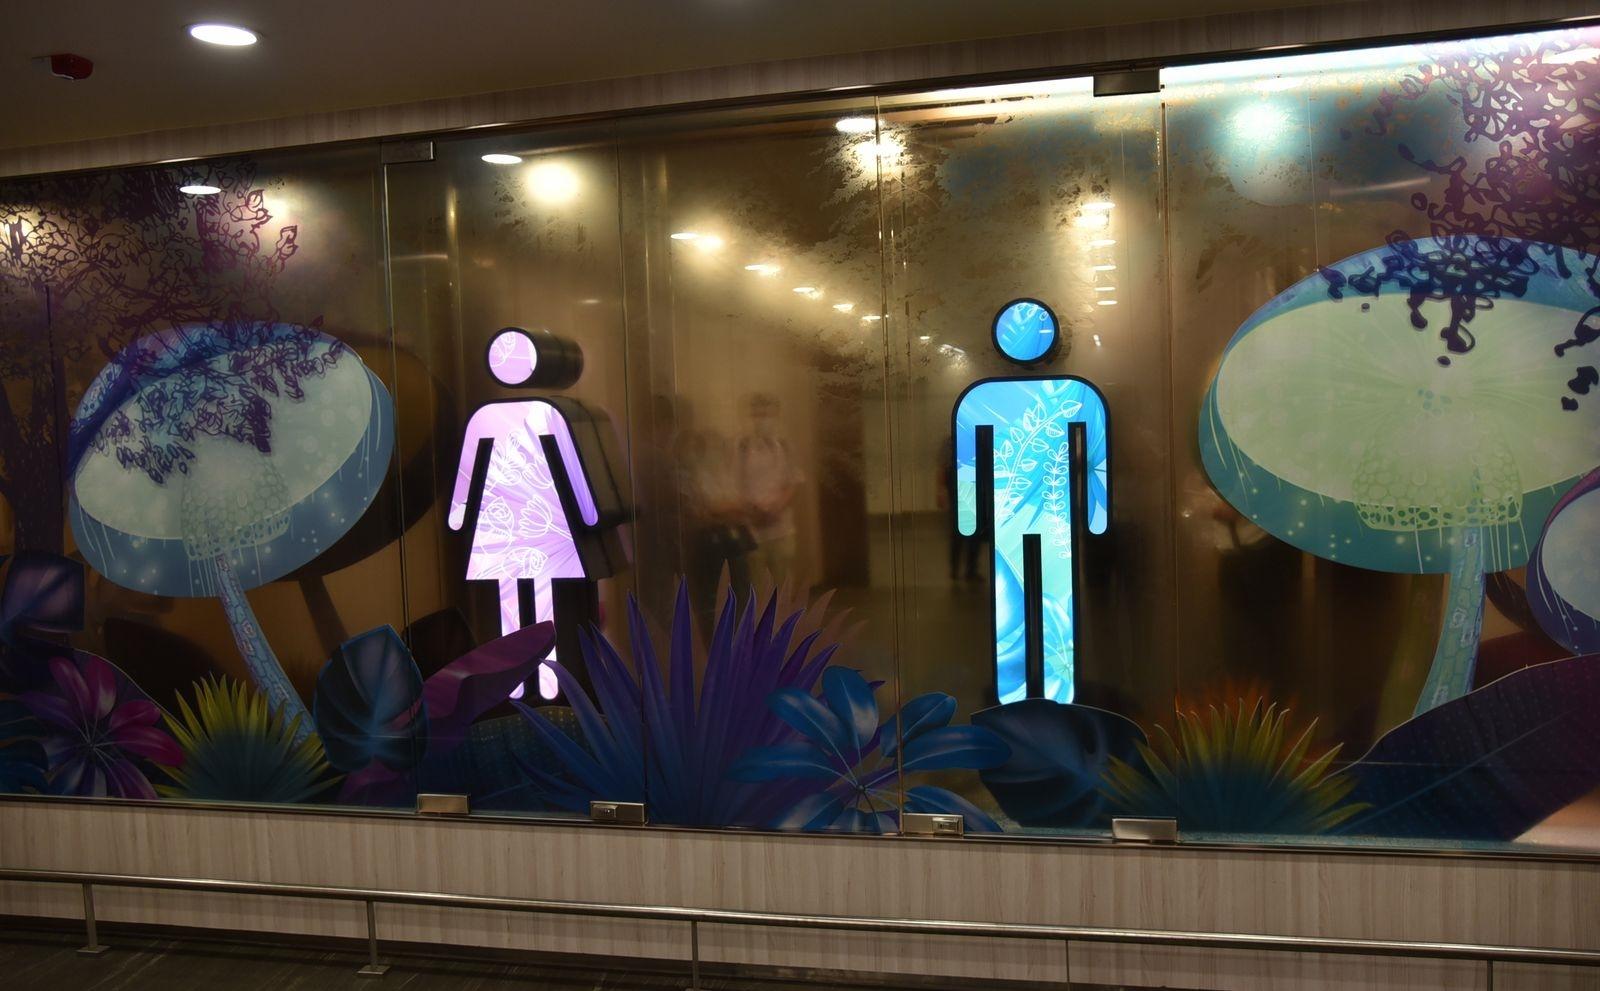 桃園機場73間智慧廁所上路。圖/桃園機場提供